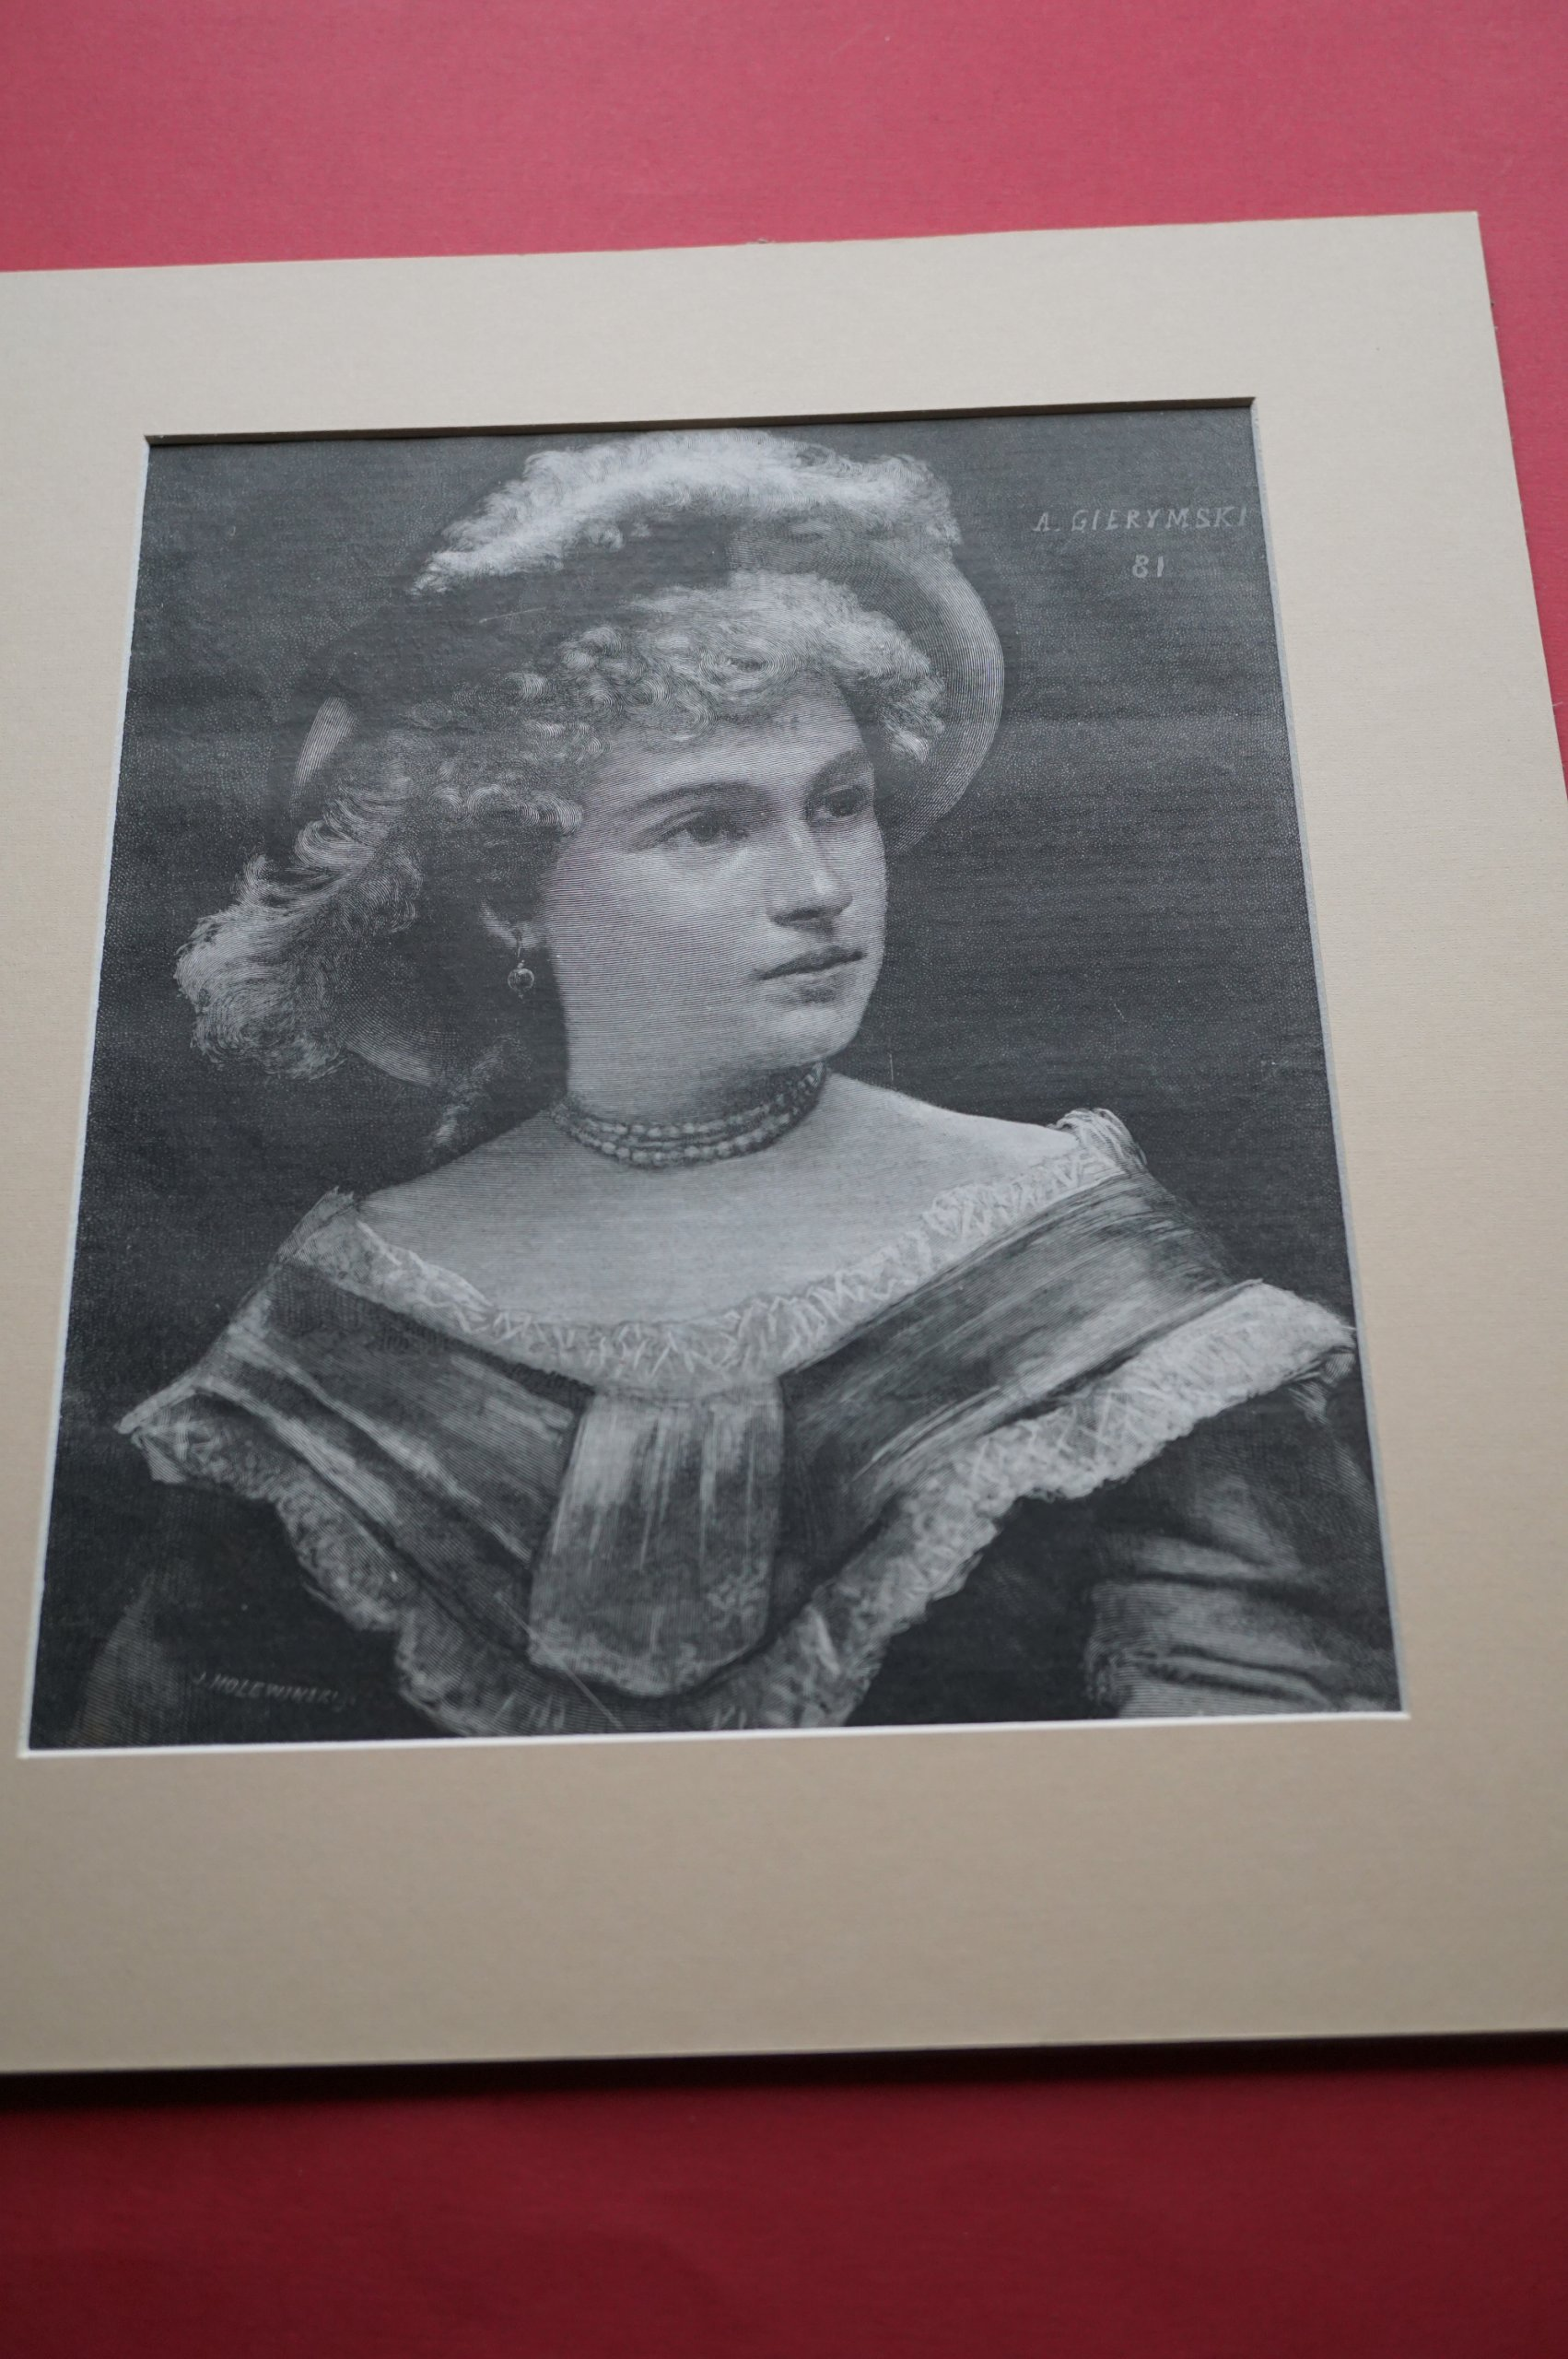 GIERYMSKI A: Studium [portretowe] 1881. Drzeworyt.